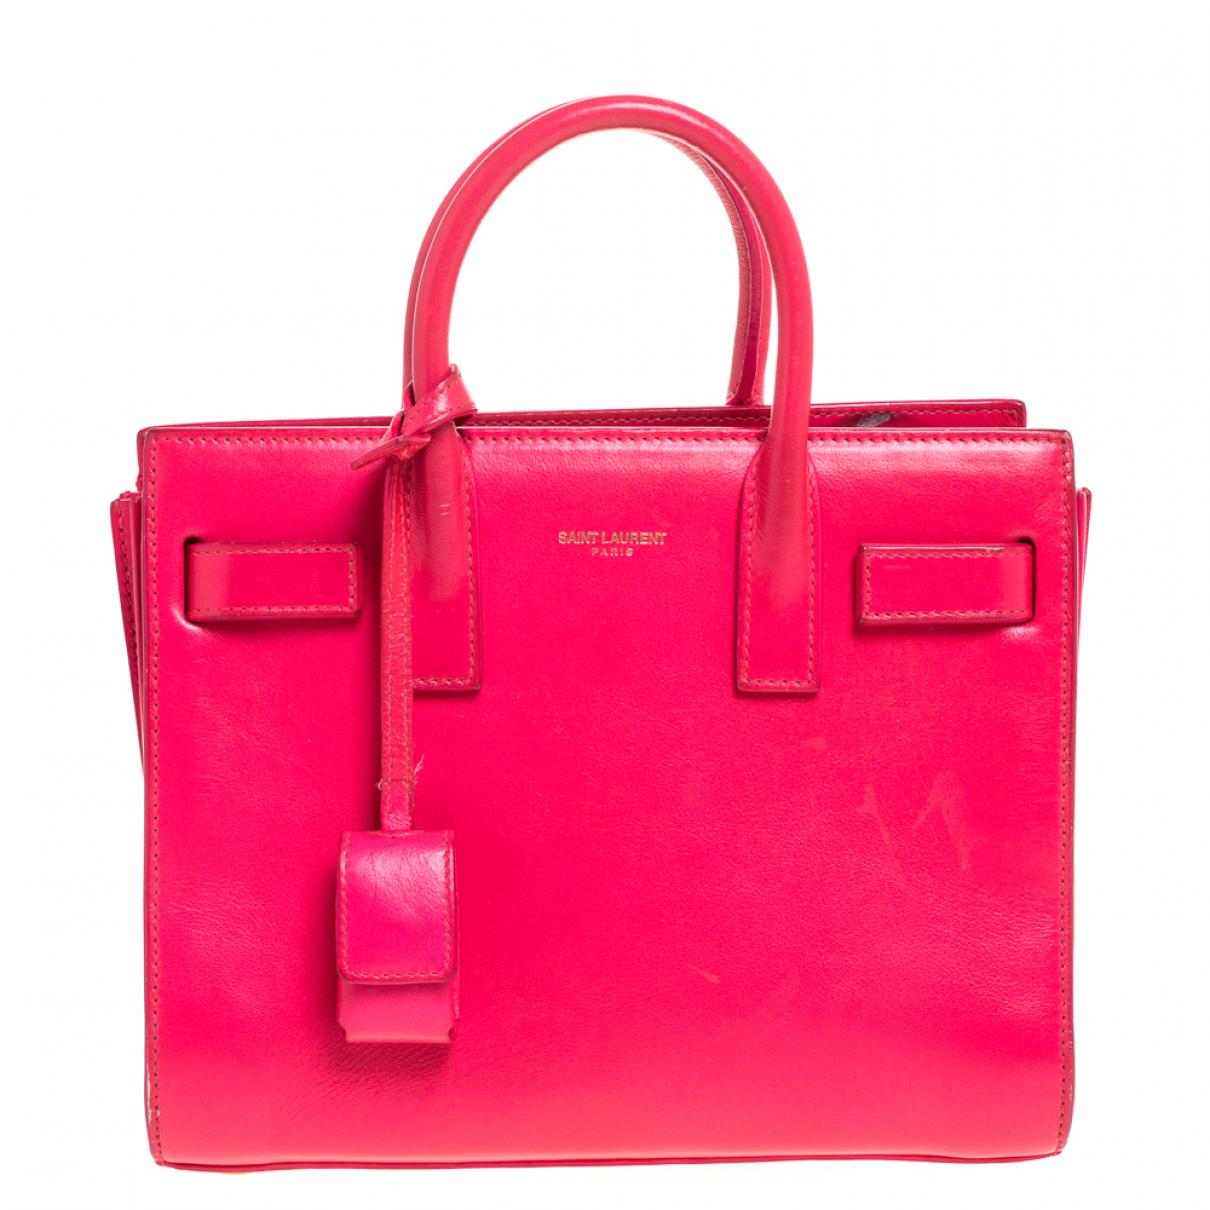 Saint Laurent - Sac a main   pour femme en cuir - rose